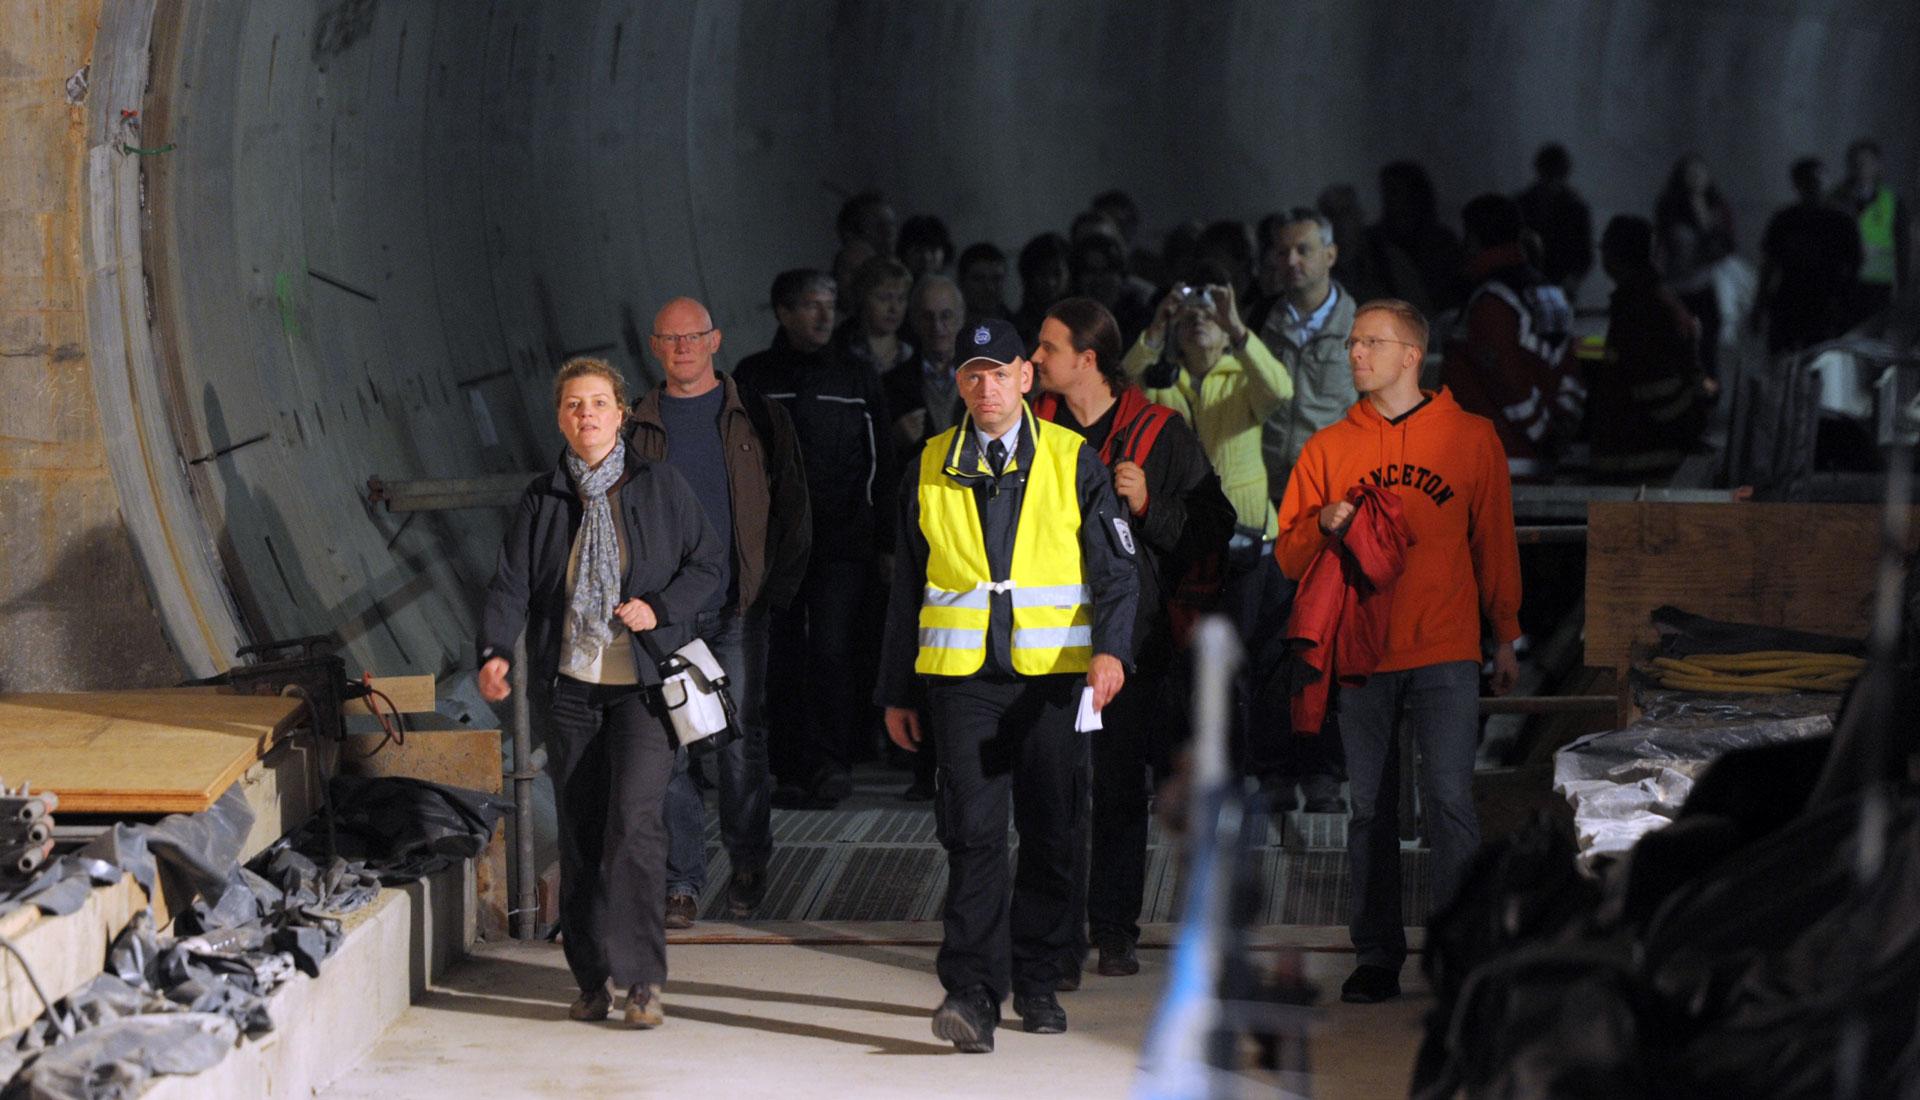 Besucher laufen durch den U-Bahntunnel der U4 in Hamburg